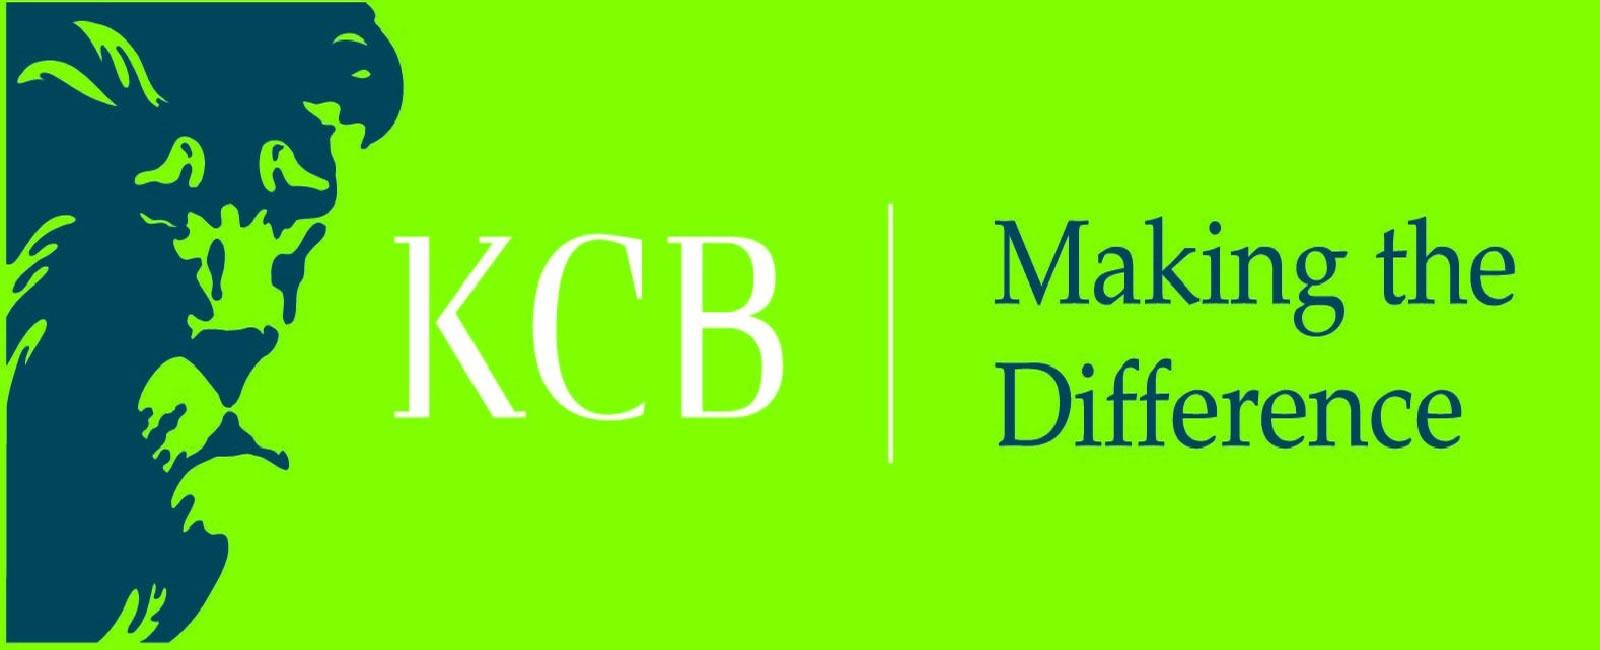 KCB Uganda Jobs 2020